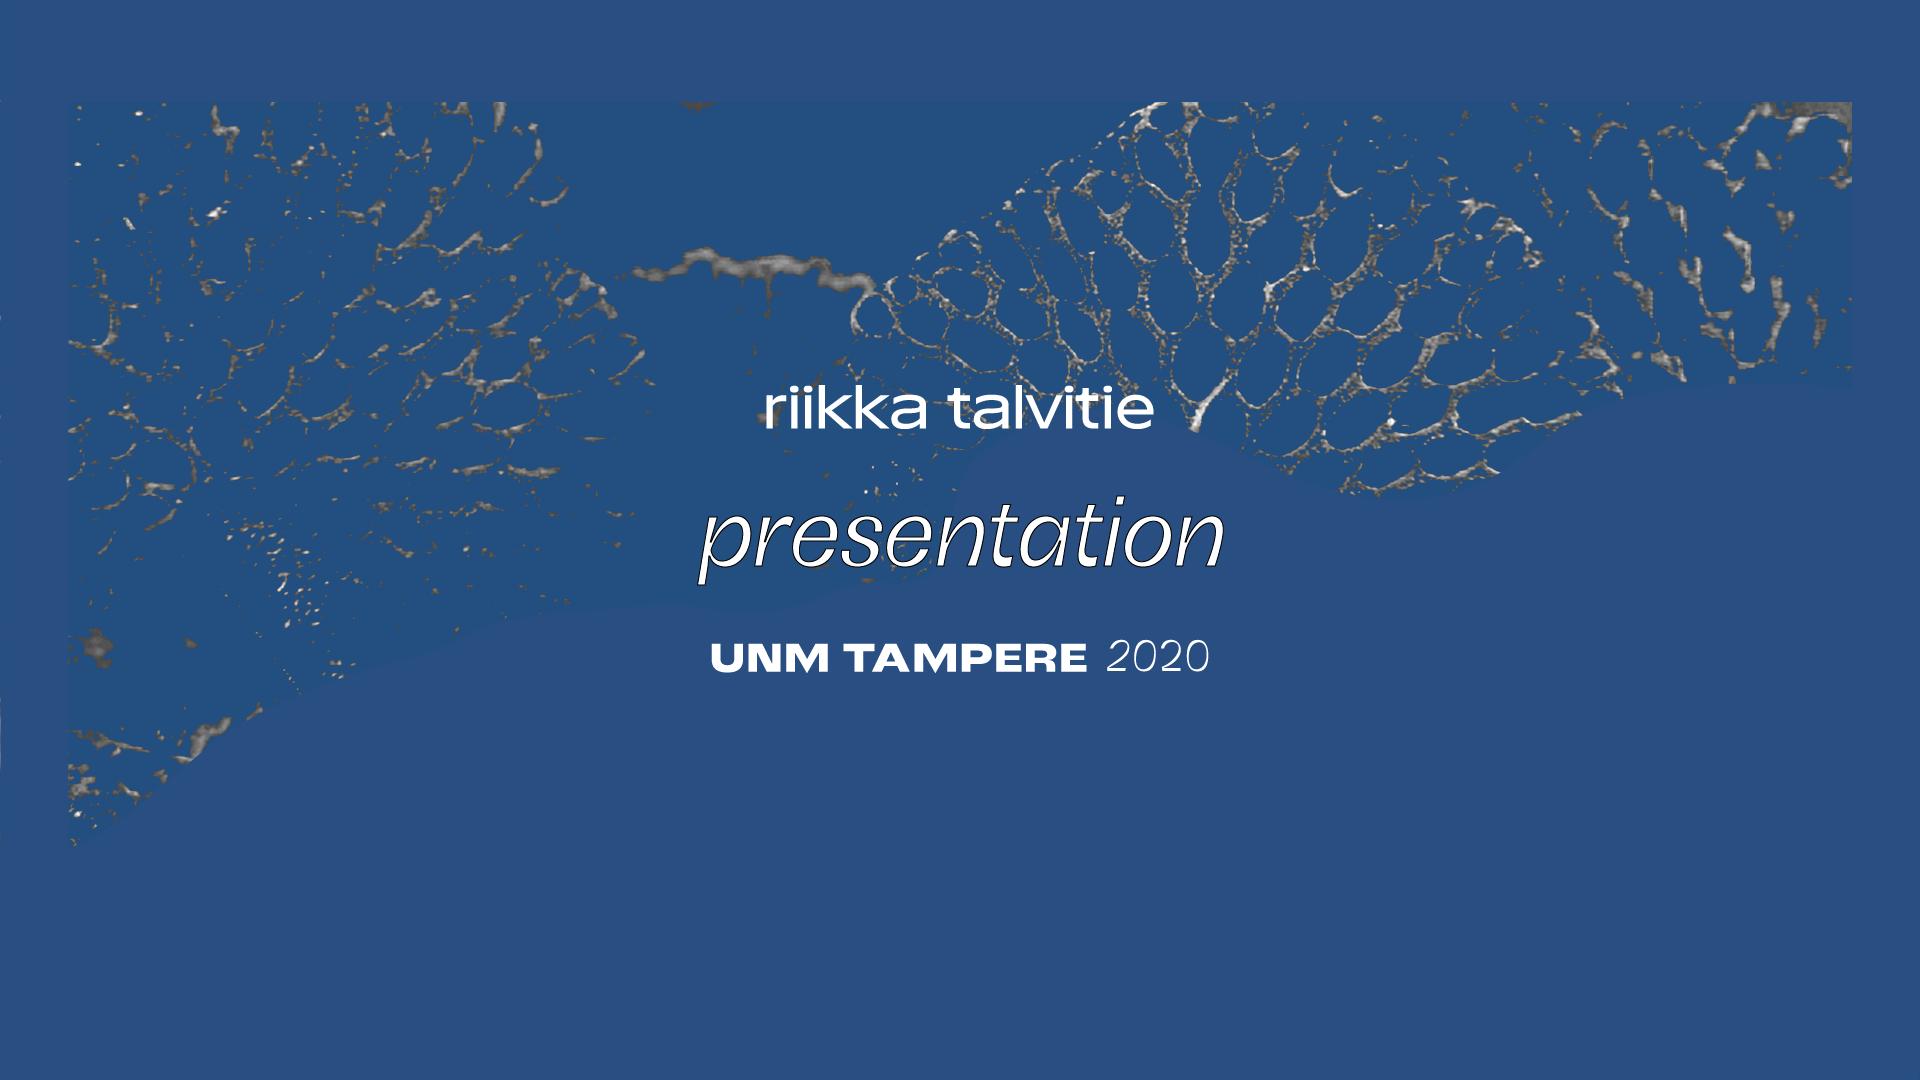 UNM 2020: Esitelmä #2 – Riikka Talvitie